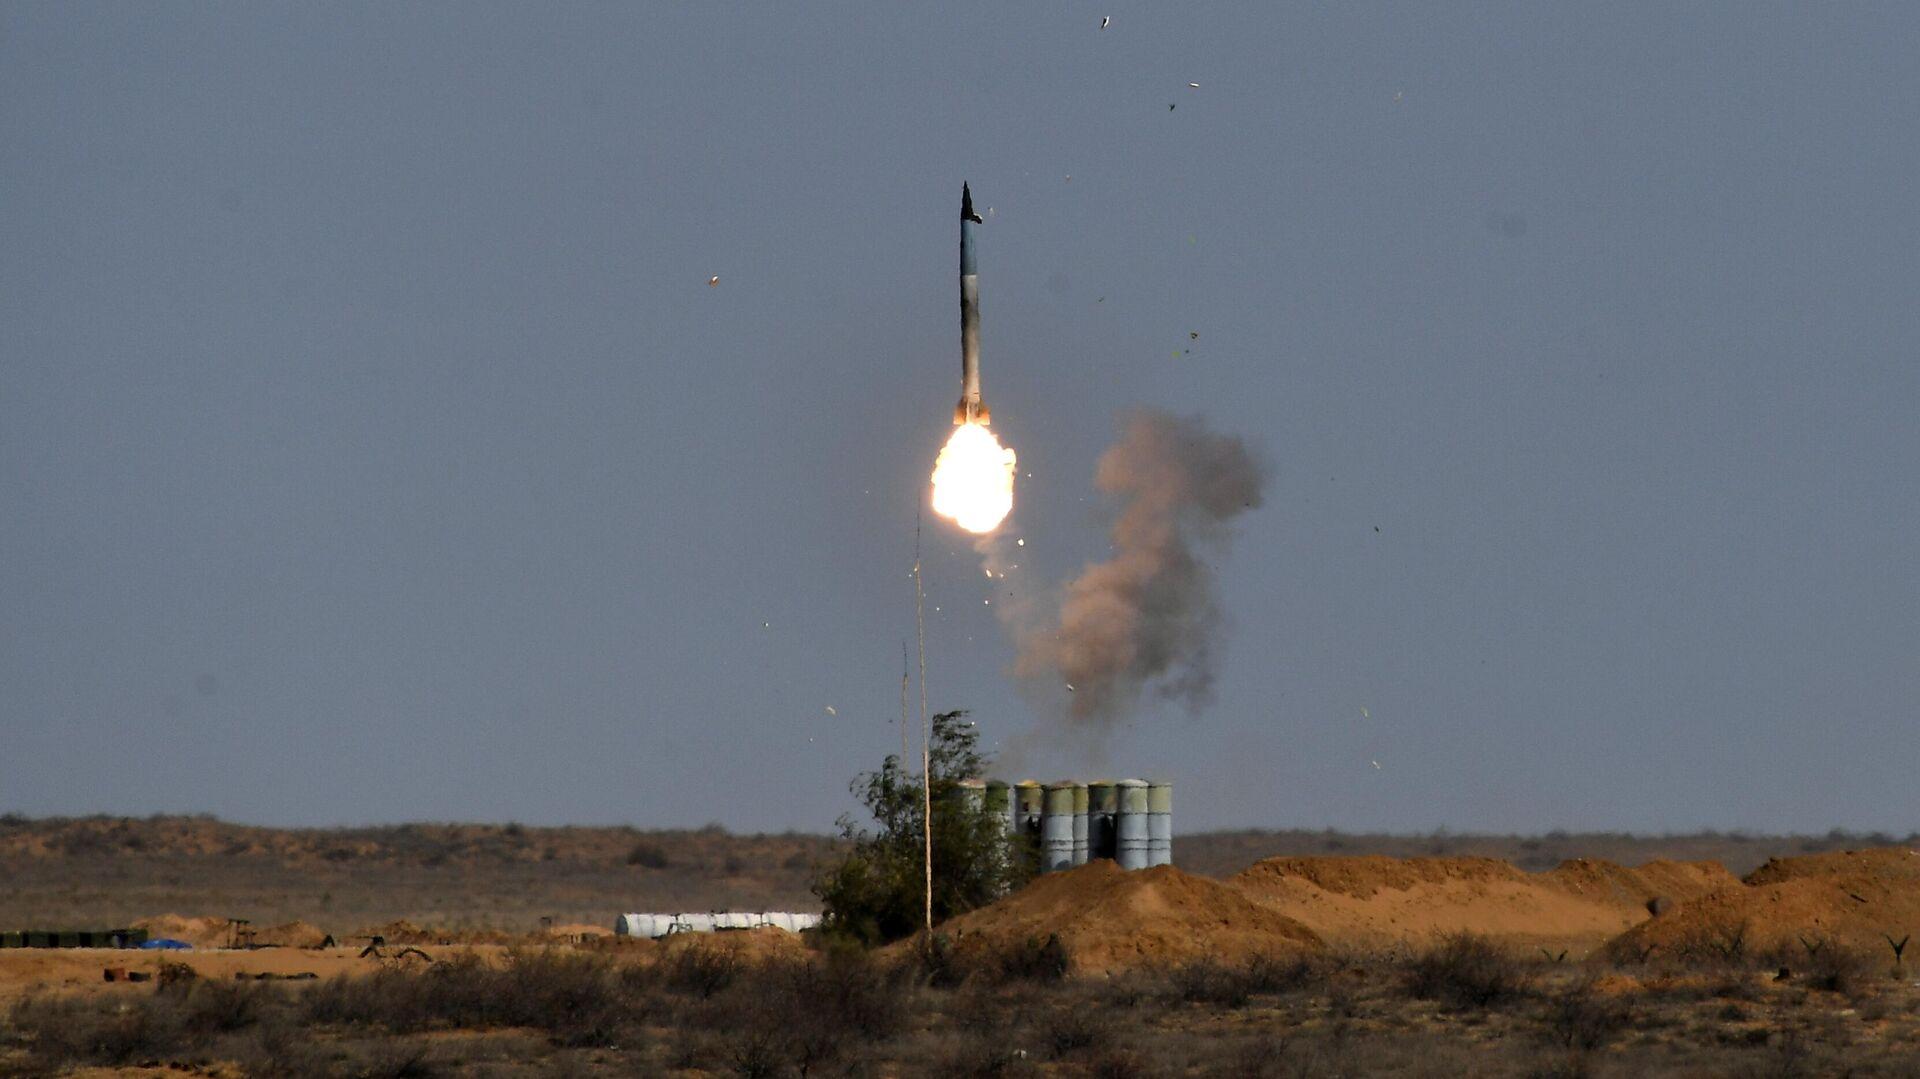 Пусковая установка зенитно-ракетного комплекса С-400 Триумф во время командно-штабных учений Кавказ-2020  - РИА Новости, 1920, 21.10.2020